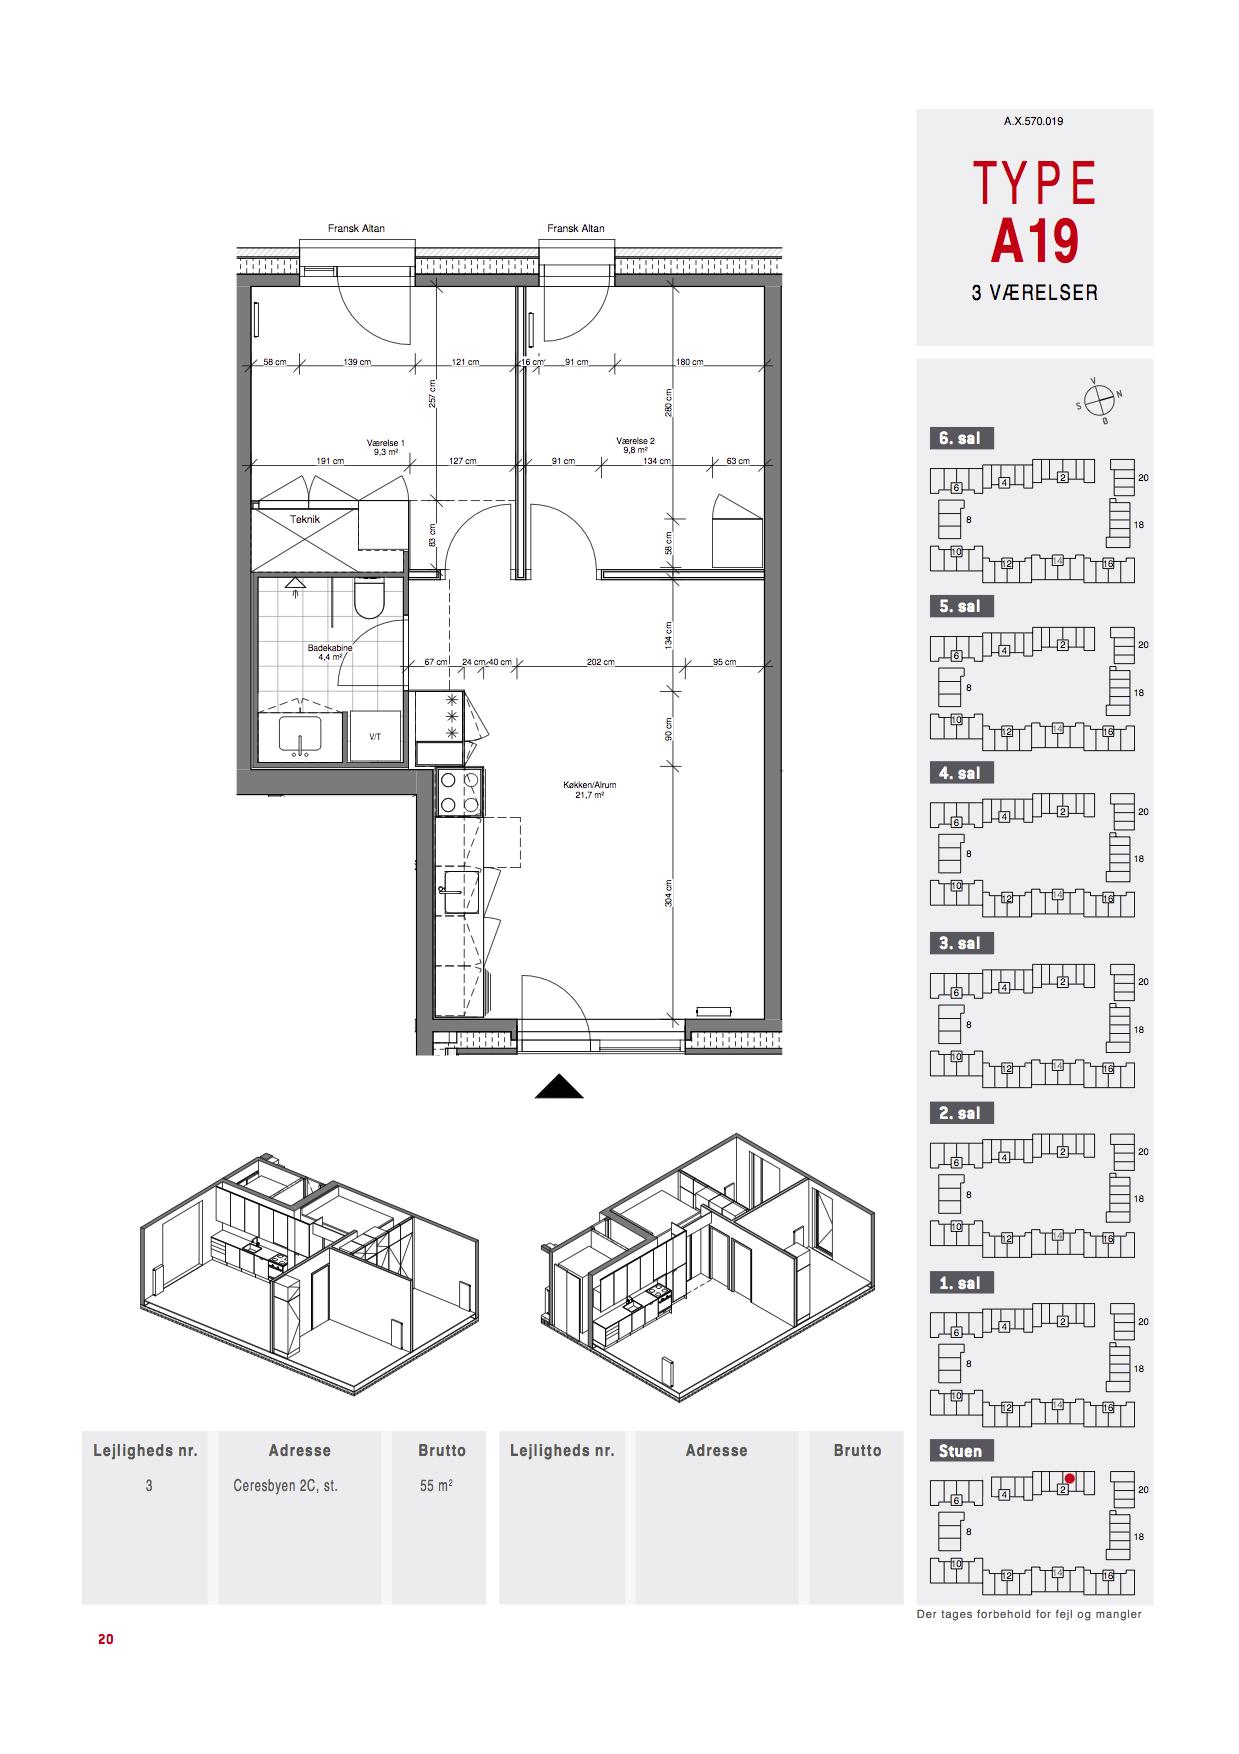 Roomie søges til nybygget lejlighed i Ceresbyen